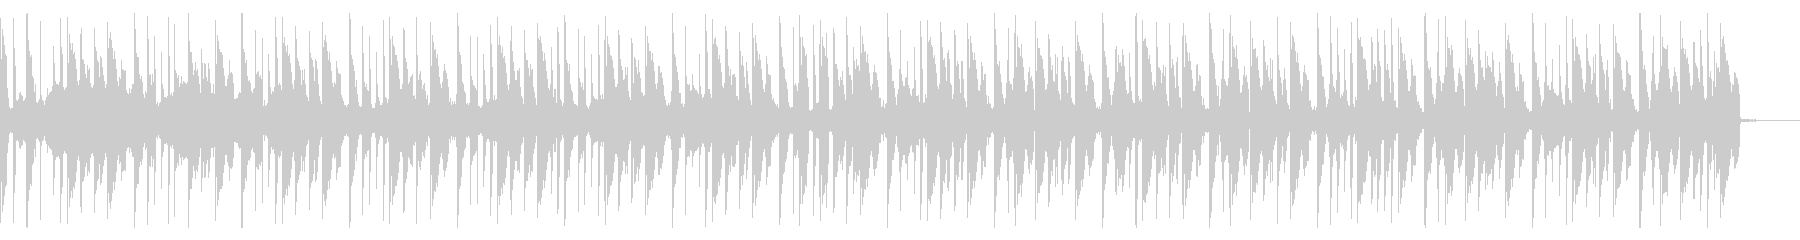 スイープ、140 BPMの未再生の波形